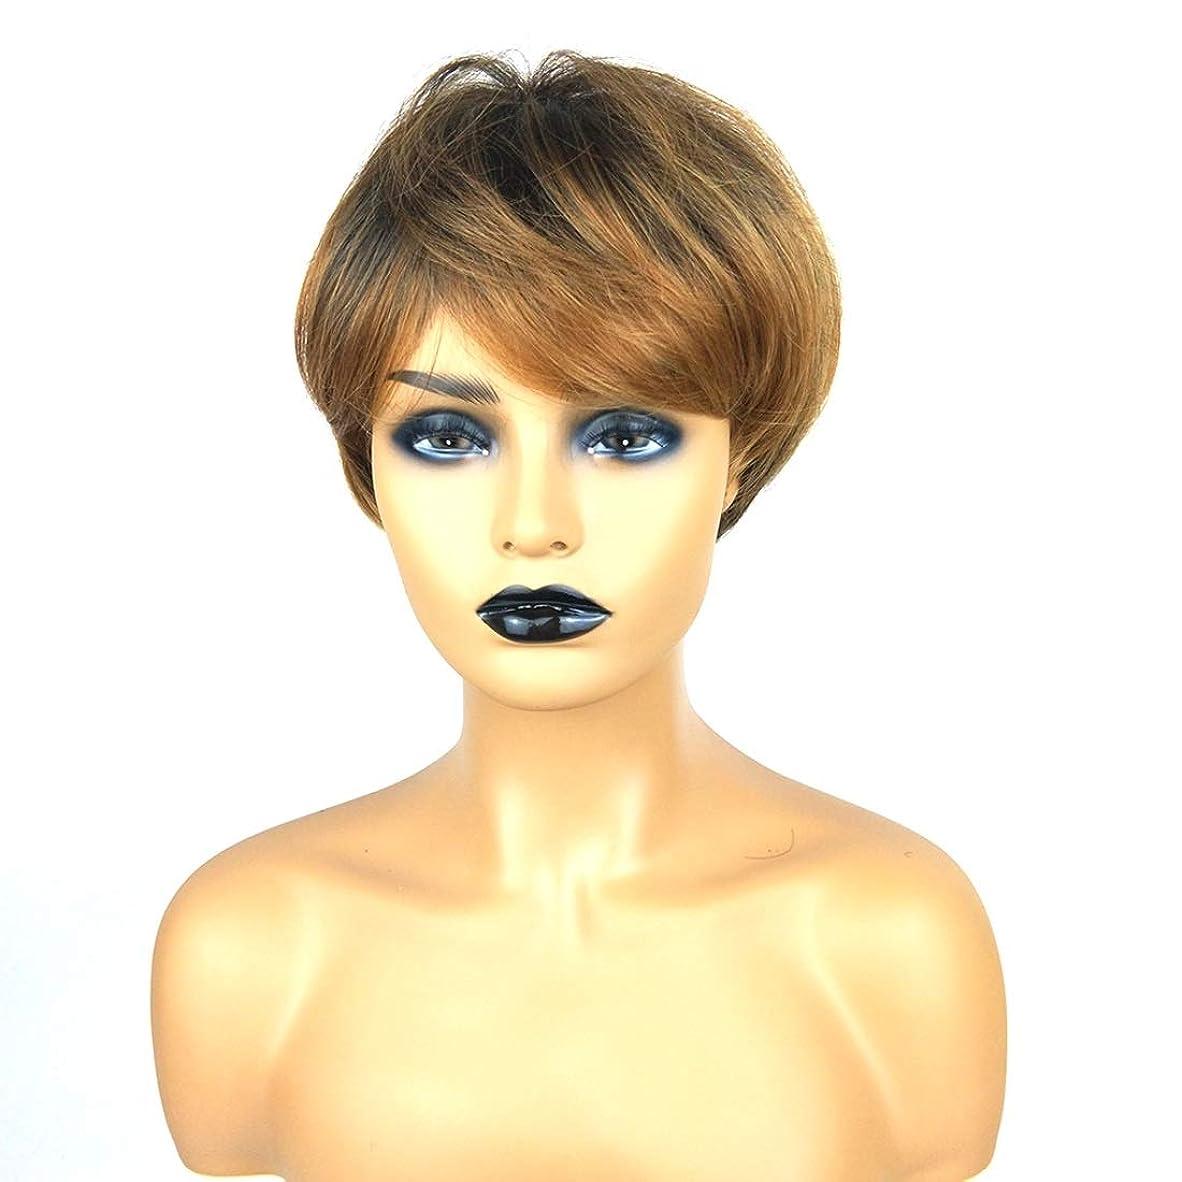 文句を言う脱獄ペレグリネーションKoloeplf ショートボブの髪の毛のかつら本物の髪として自然な女性のための合成かつらとストレートウィッグ